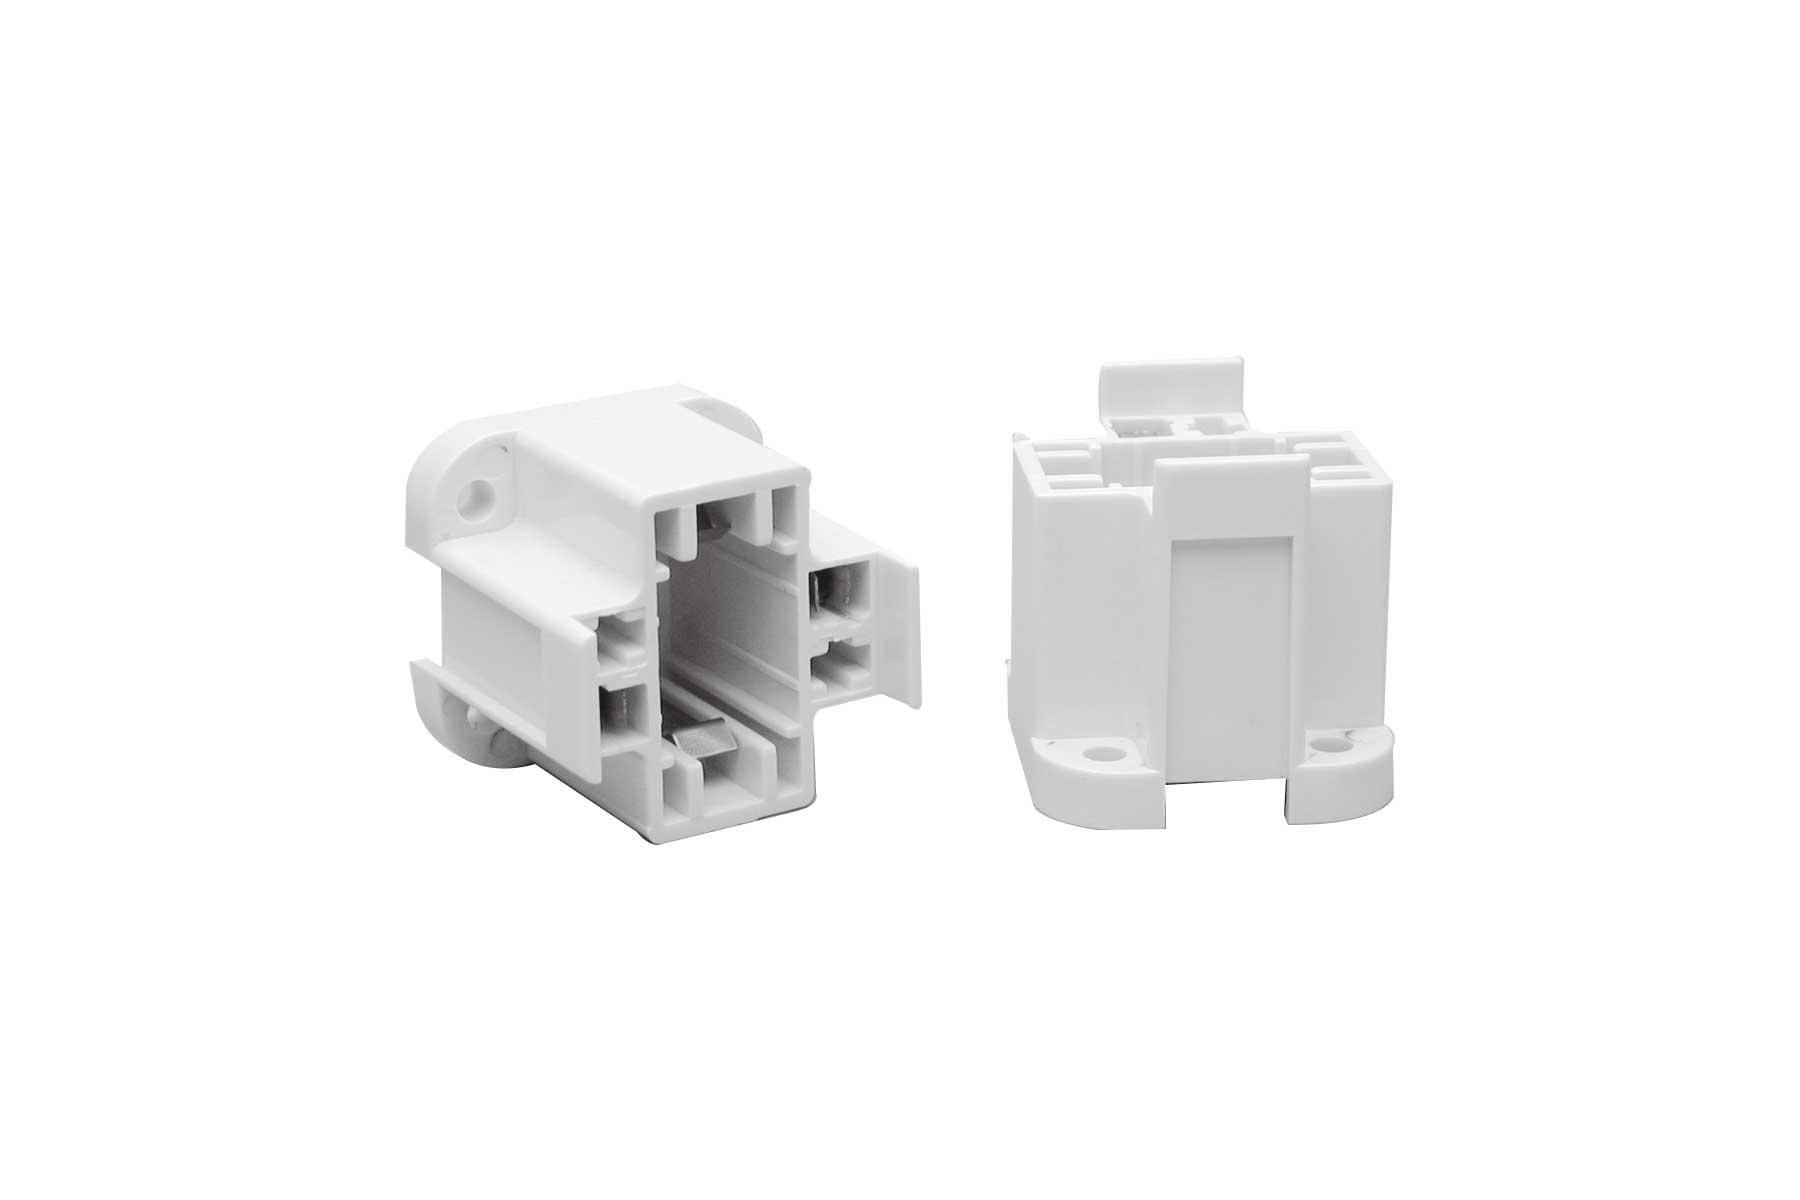 4 Pin G24-Q5, GX24-Q5 CFL Light Socket